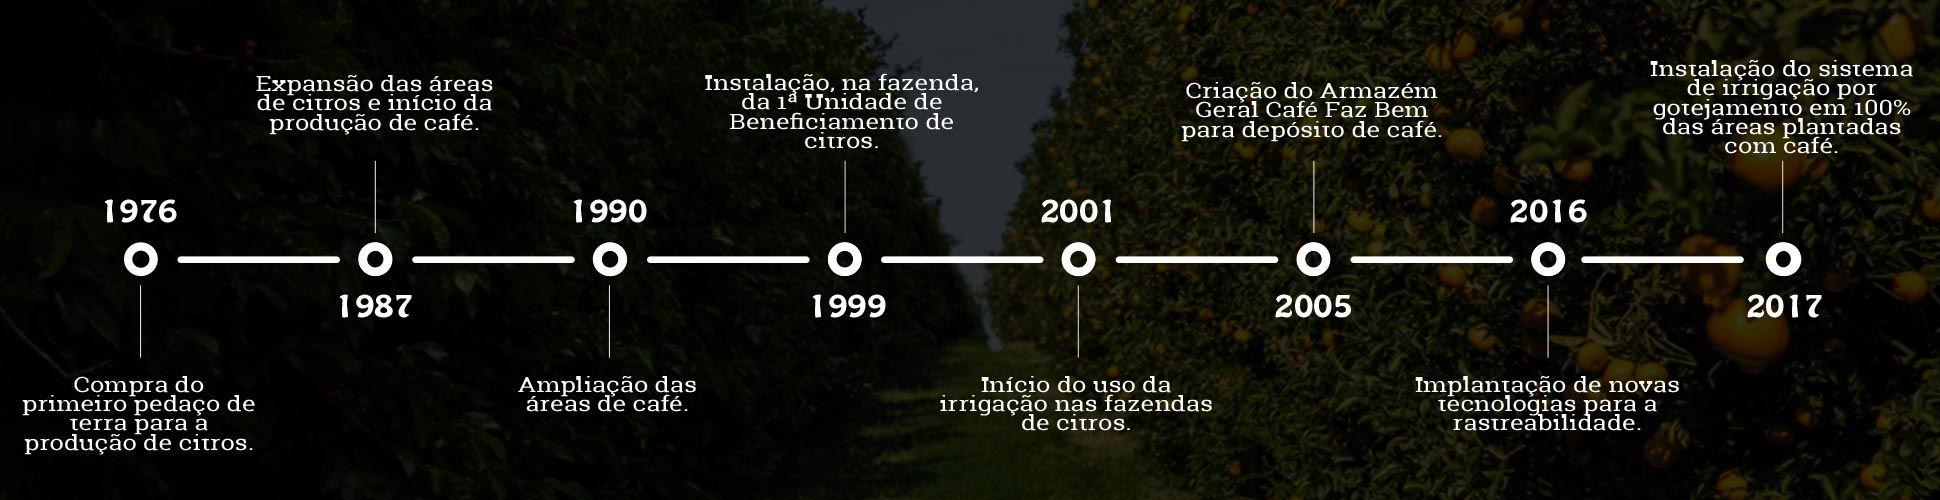 Timeline-geral